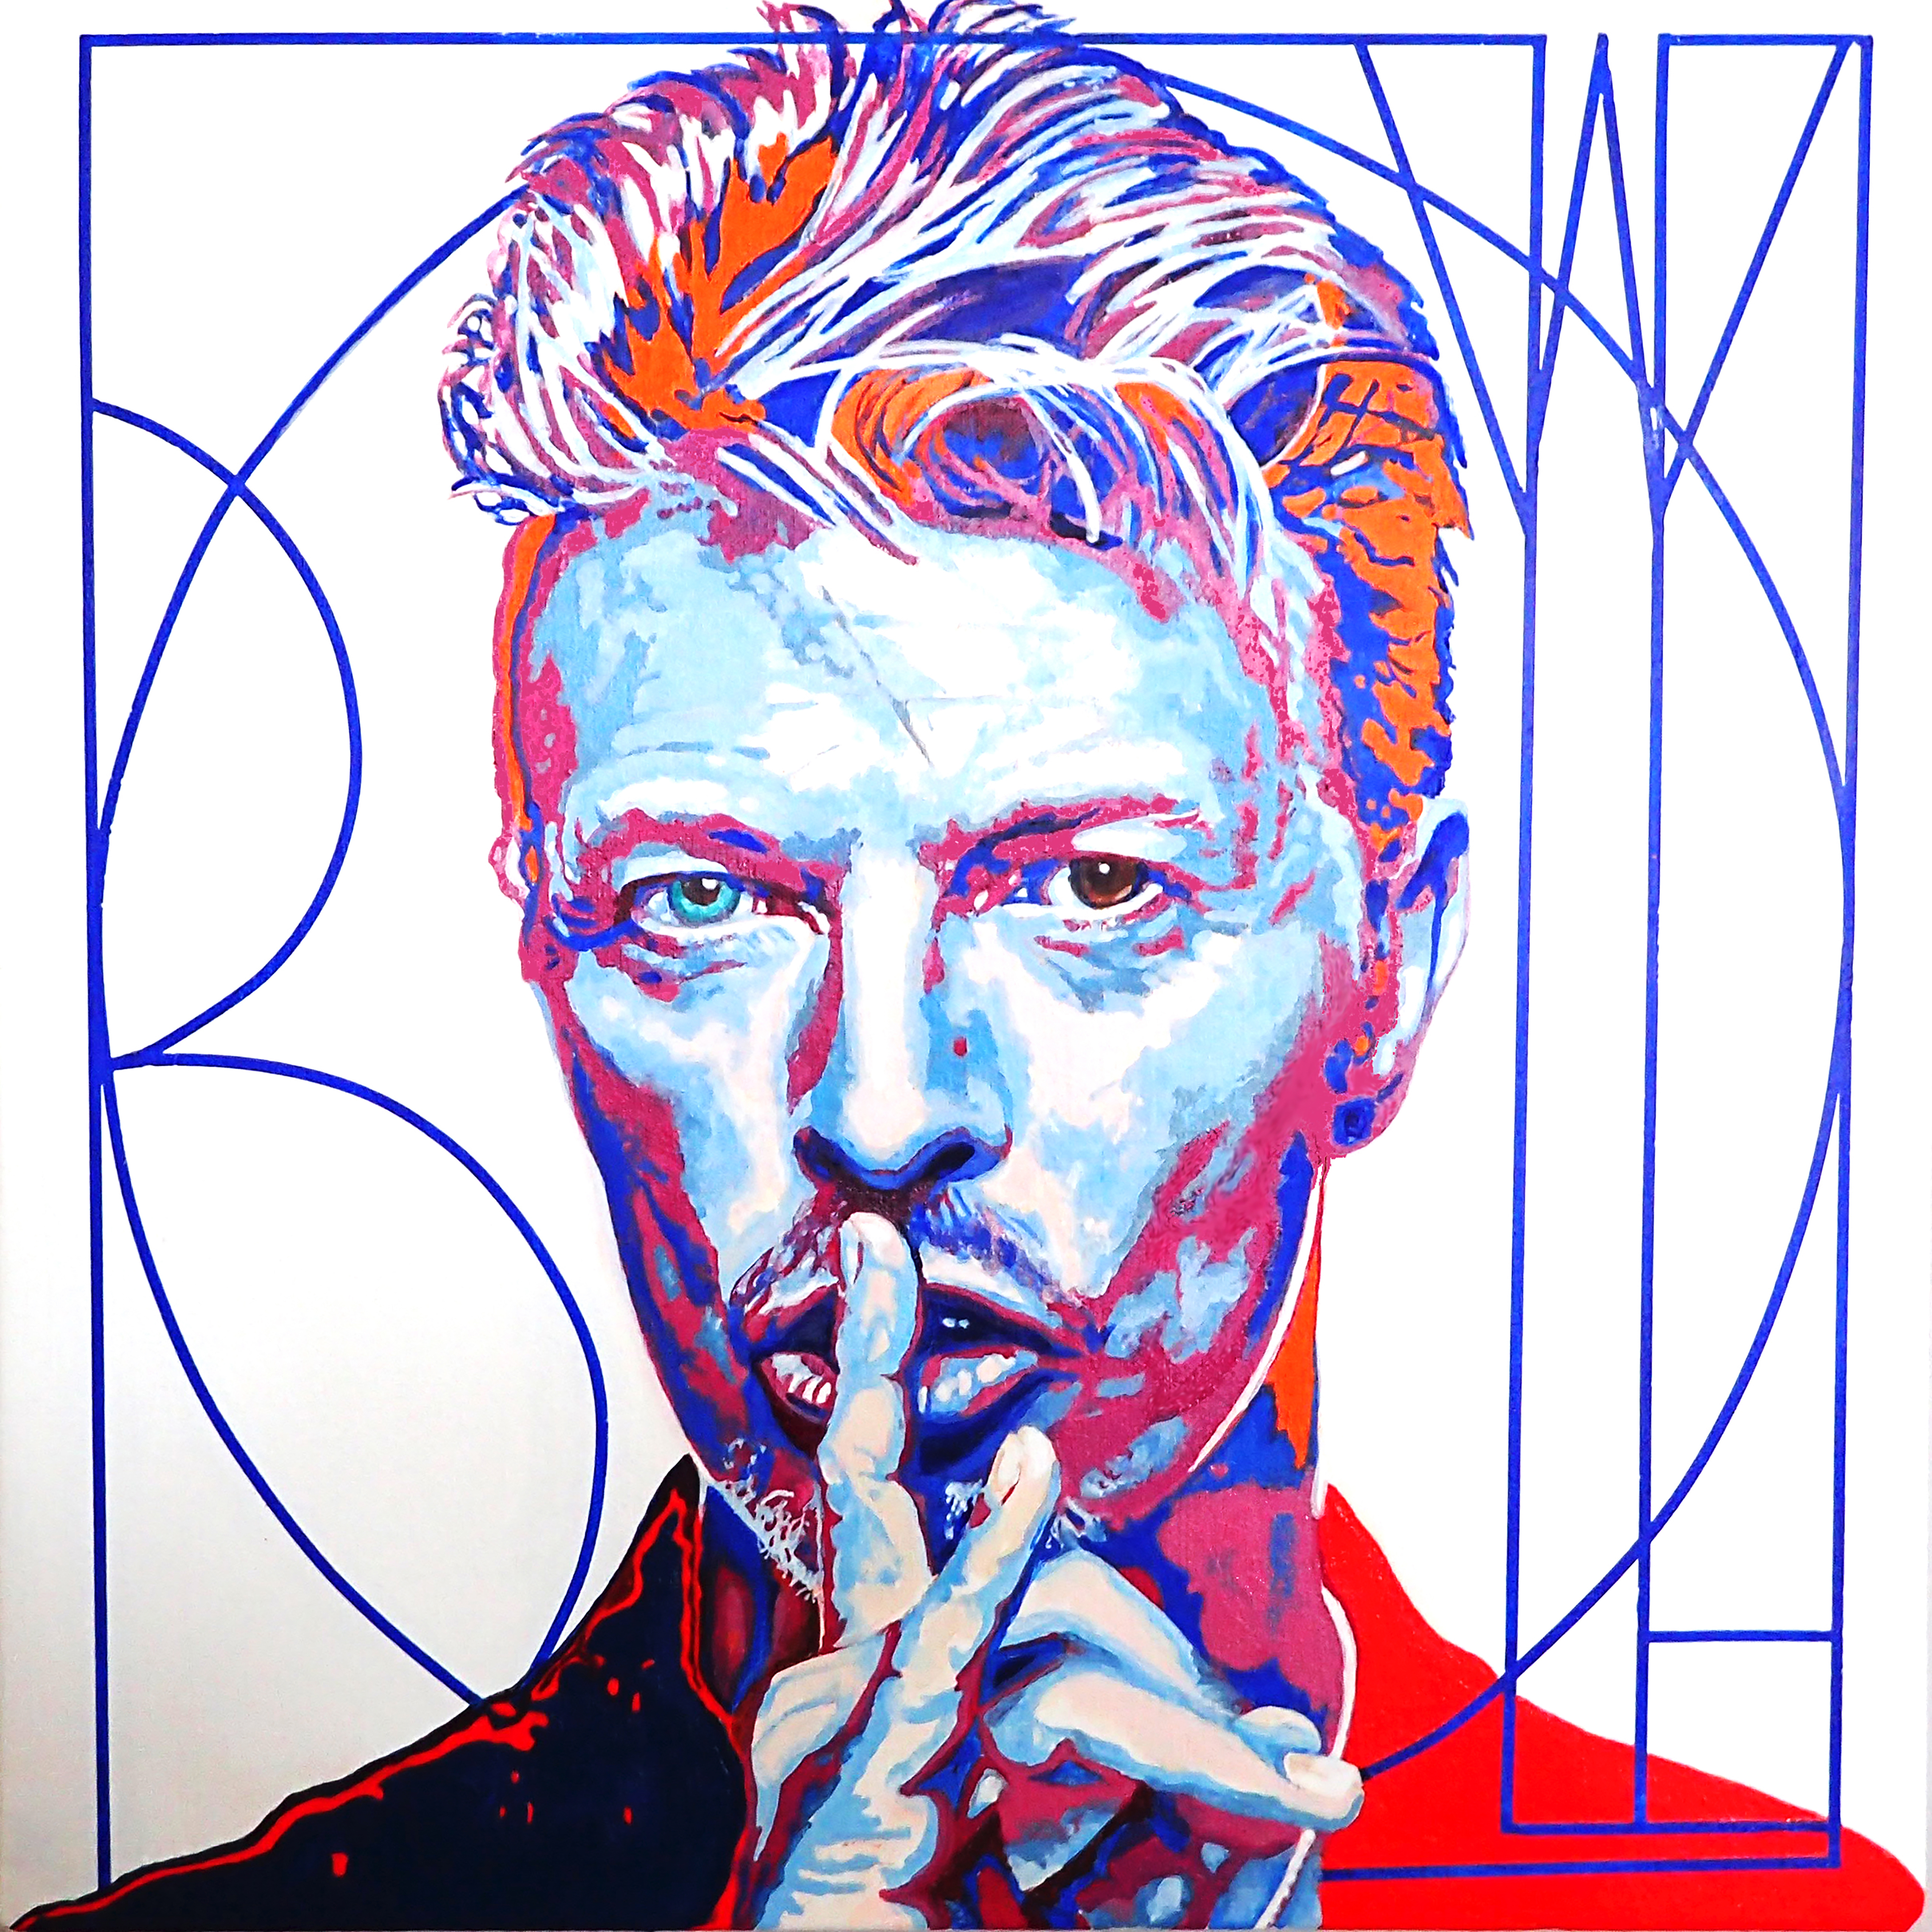 Tony Abboreno_Bowie glicee framed print_$450